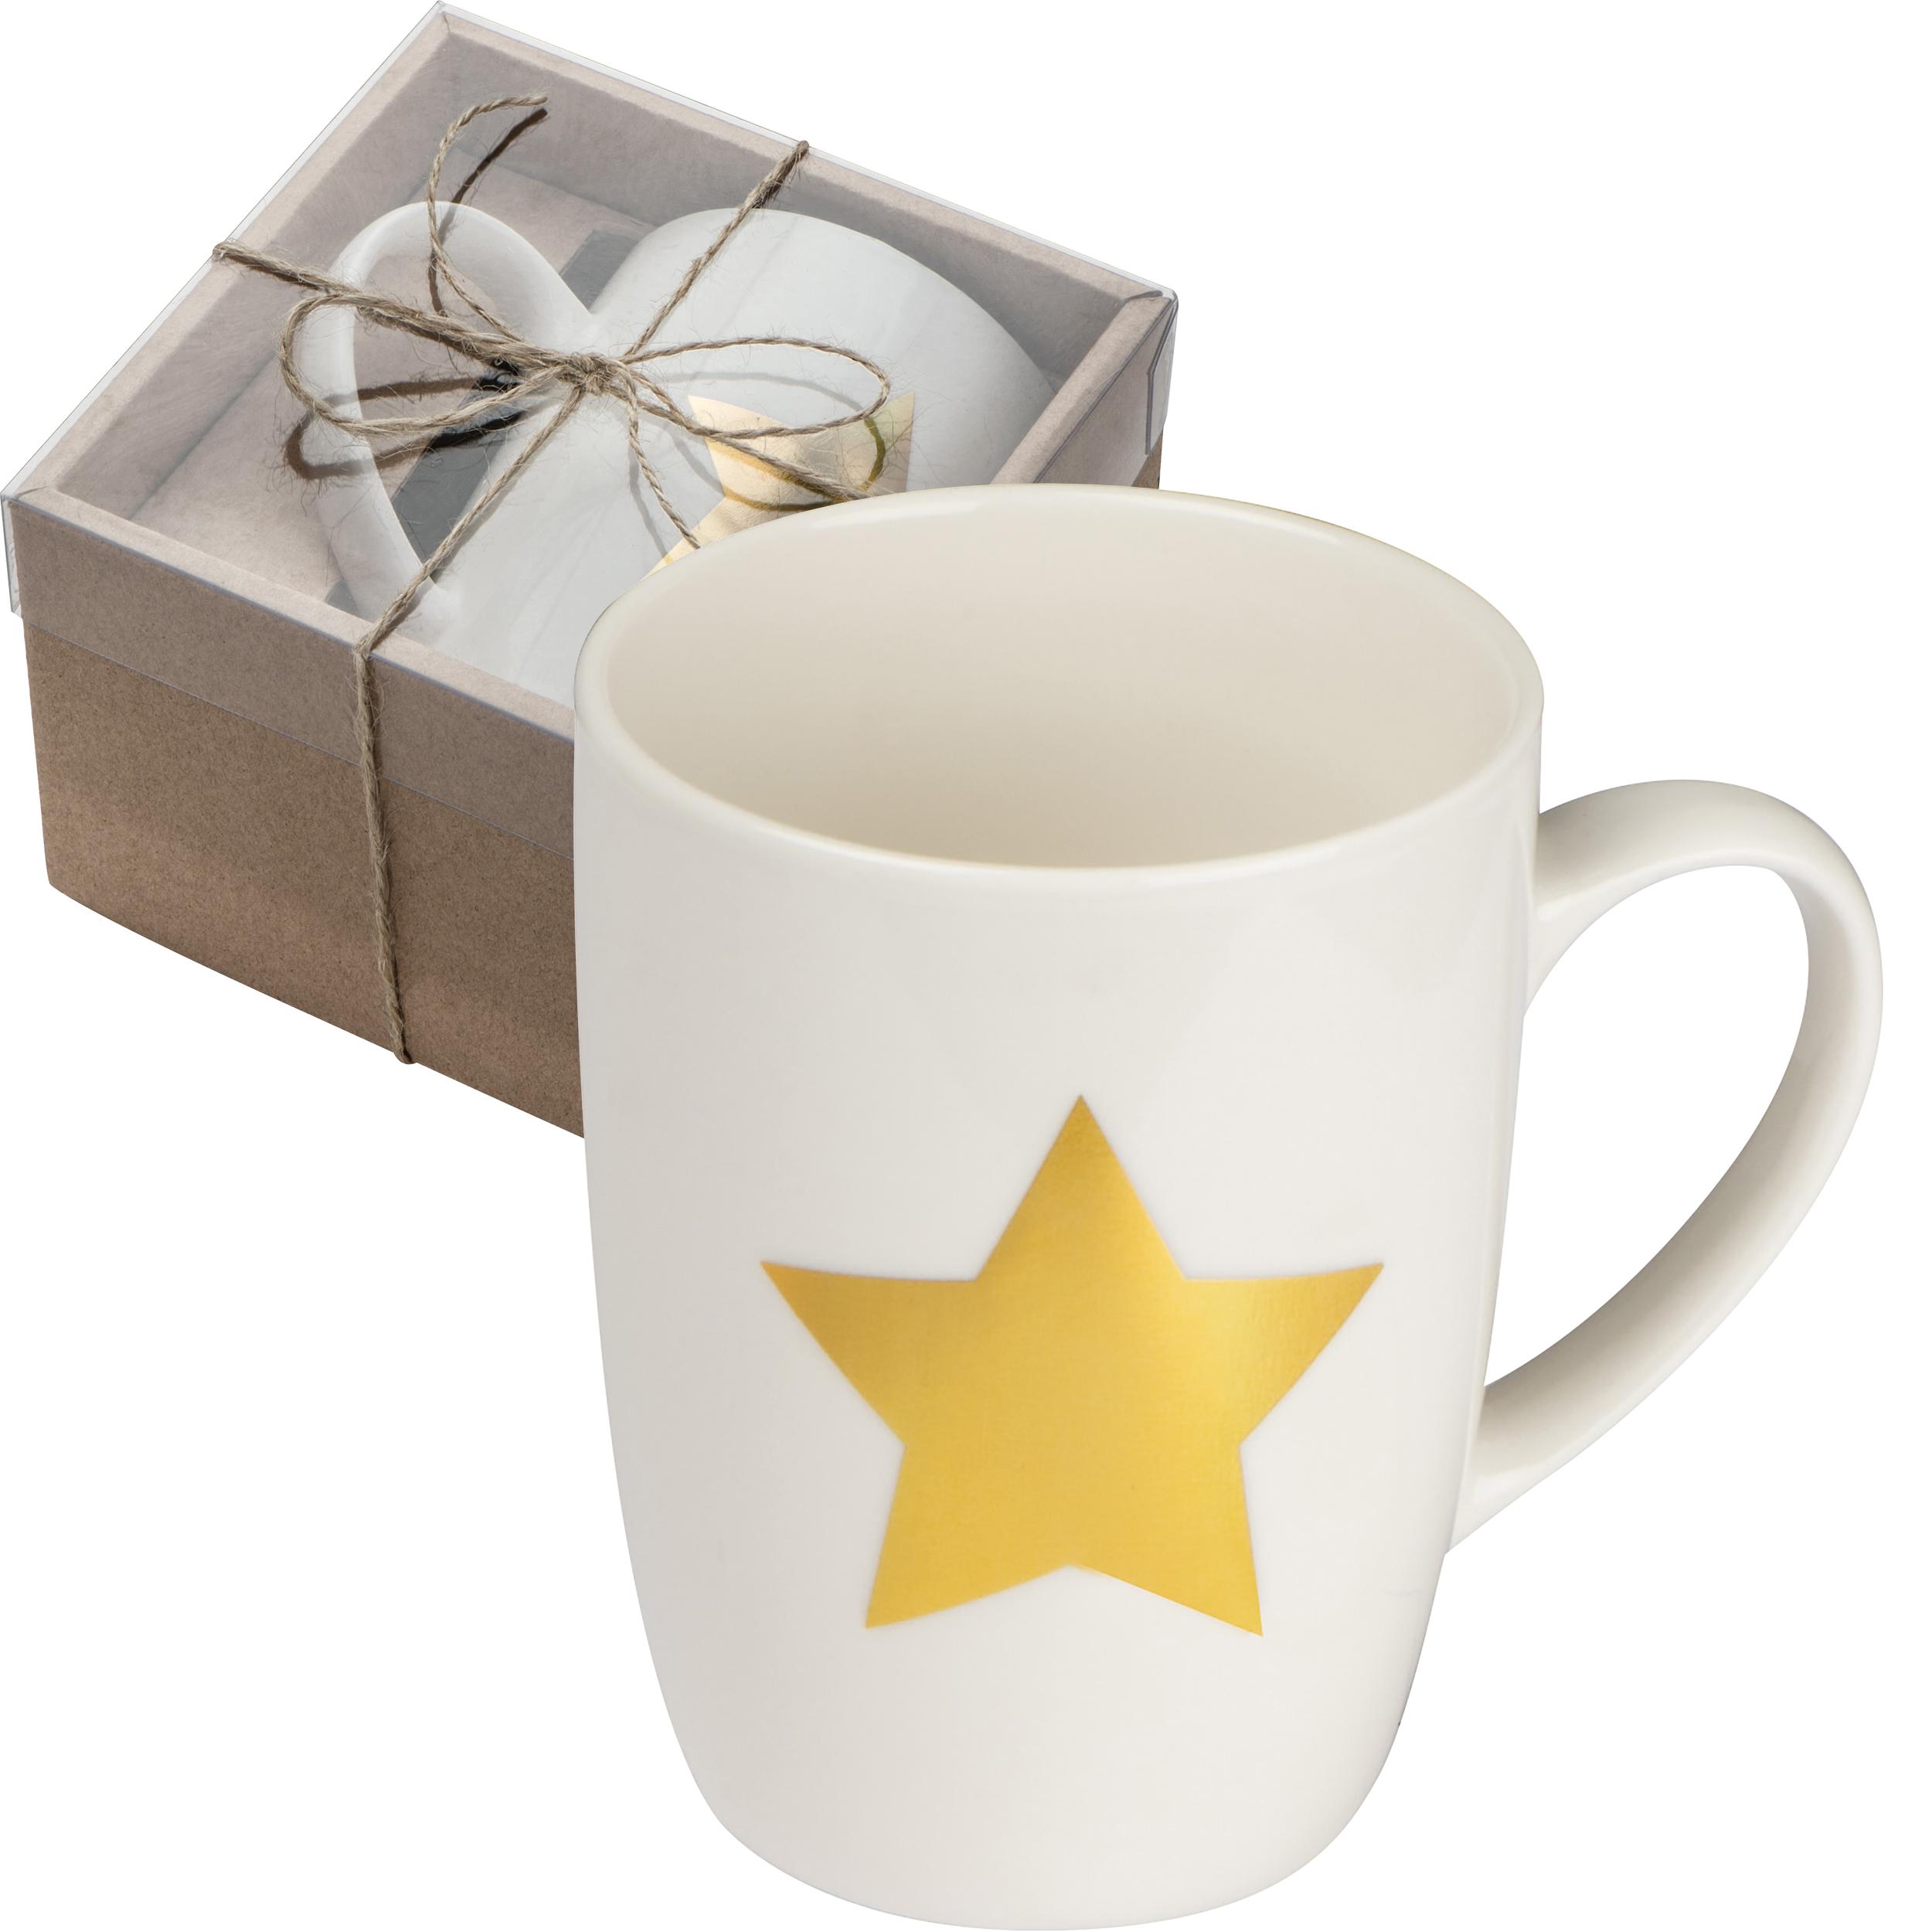 Tasse mit Stern Aufdruck aus Porzellan, 300 ml